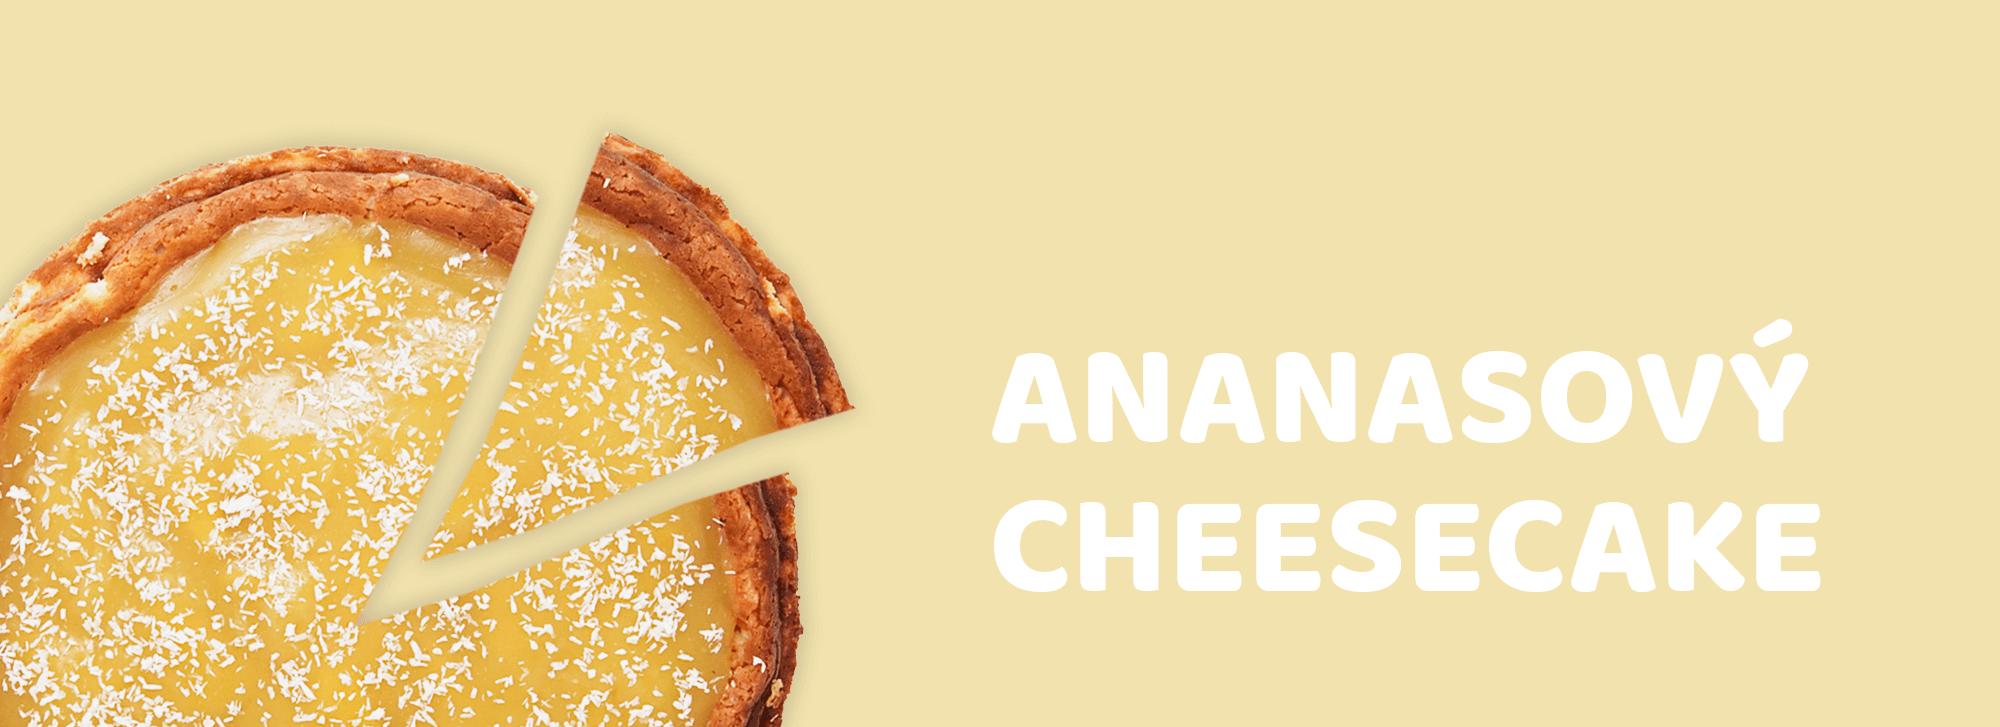 upr-Ananas_obr_blog_recept-2